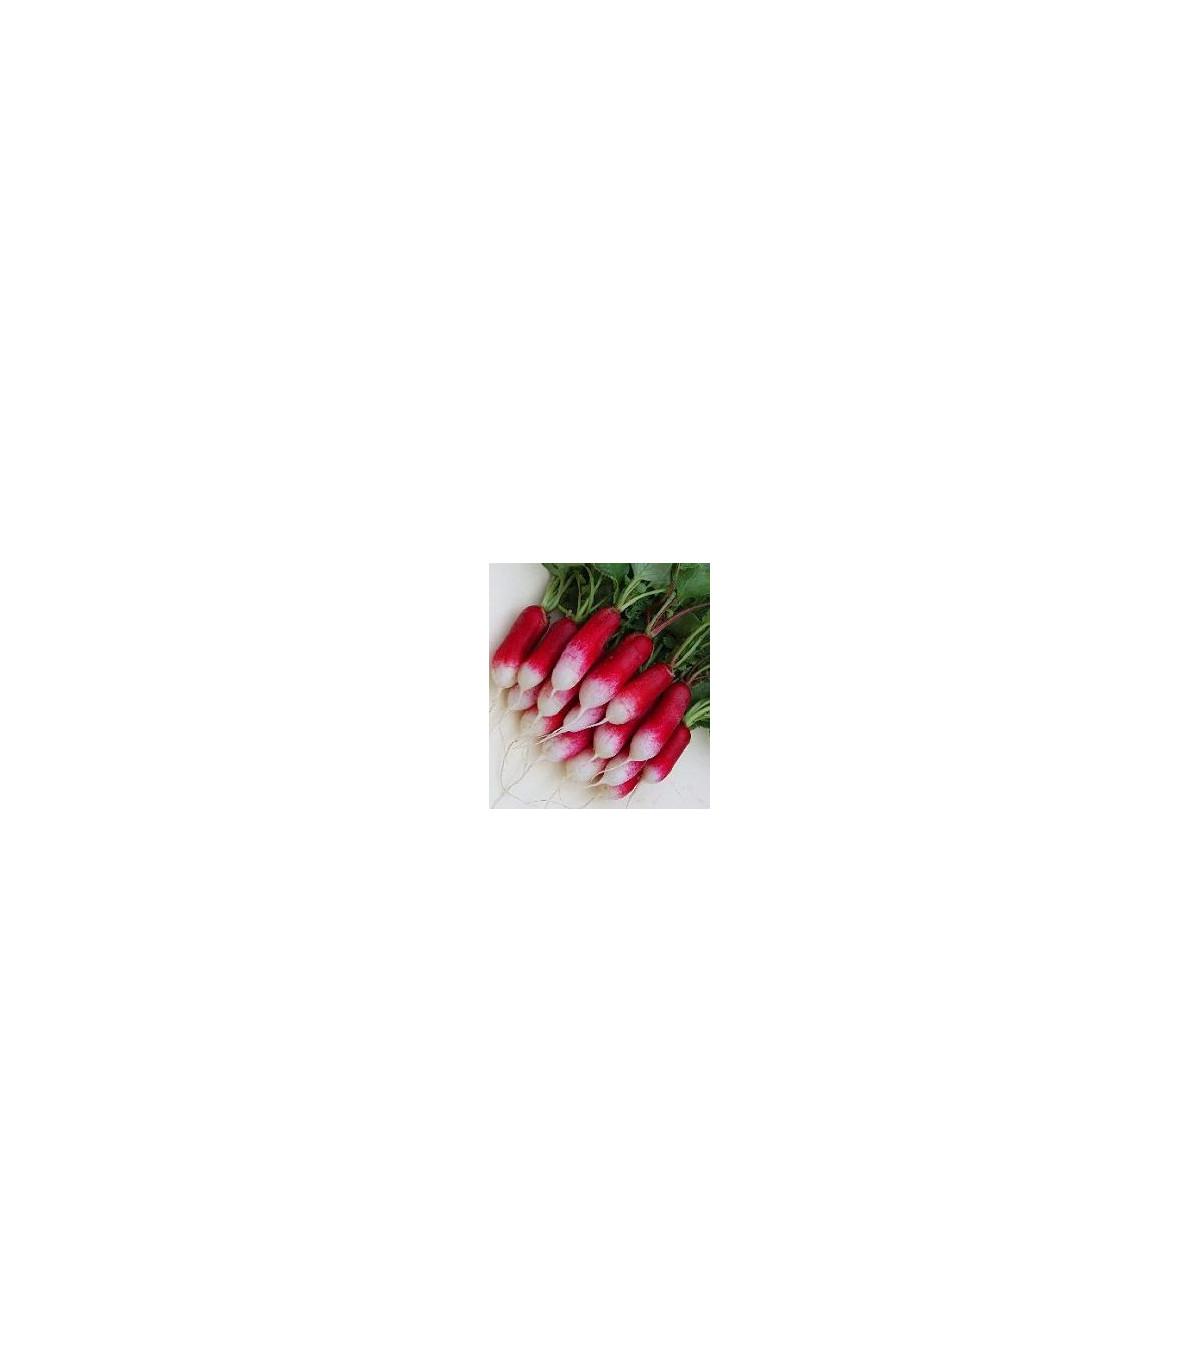 BIO Ředkev francouzská červenobílá - semena ředkve - 0,3 g